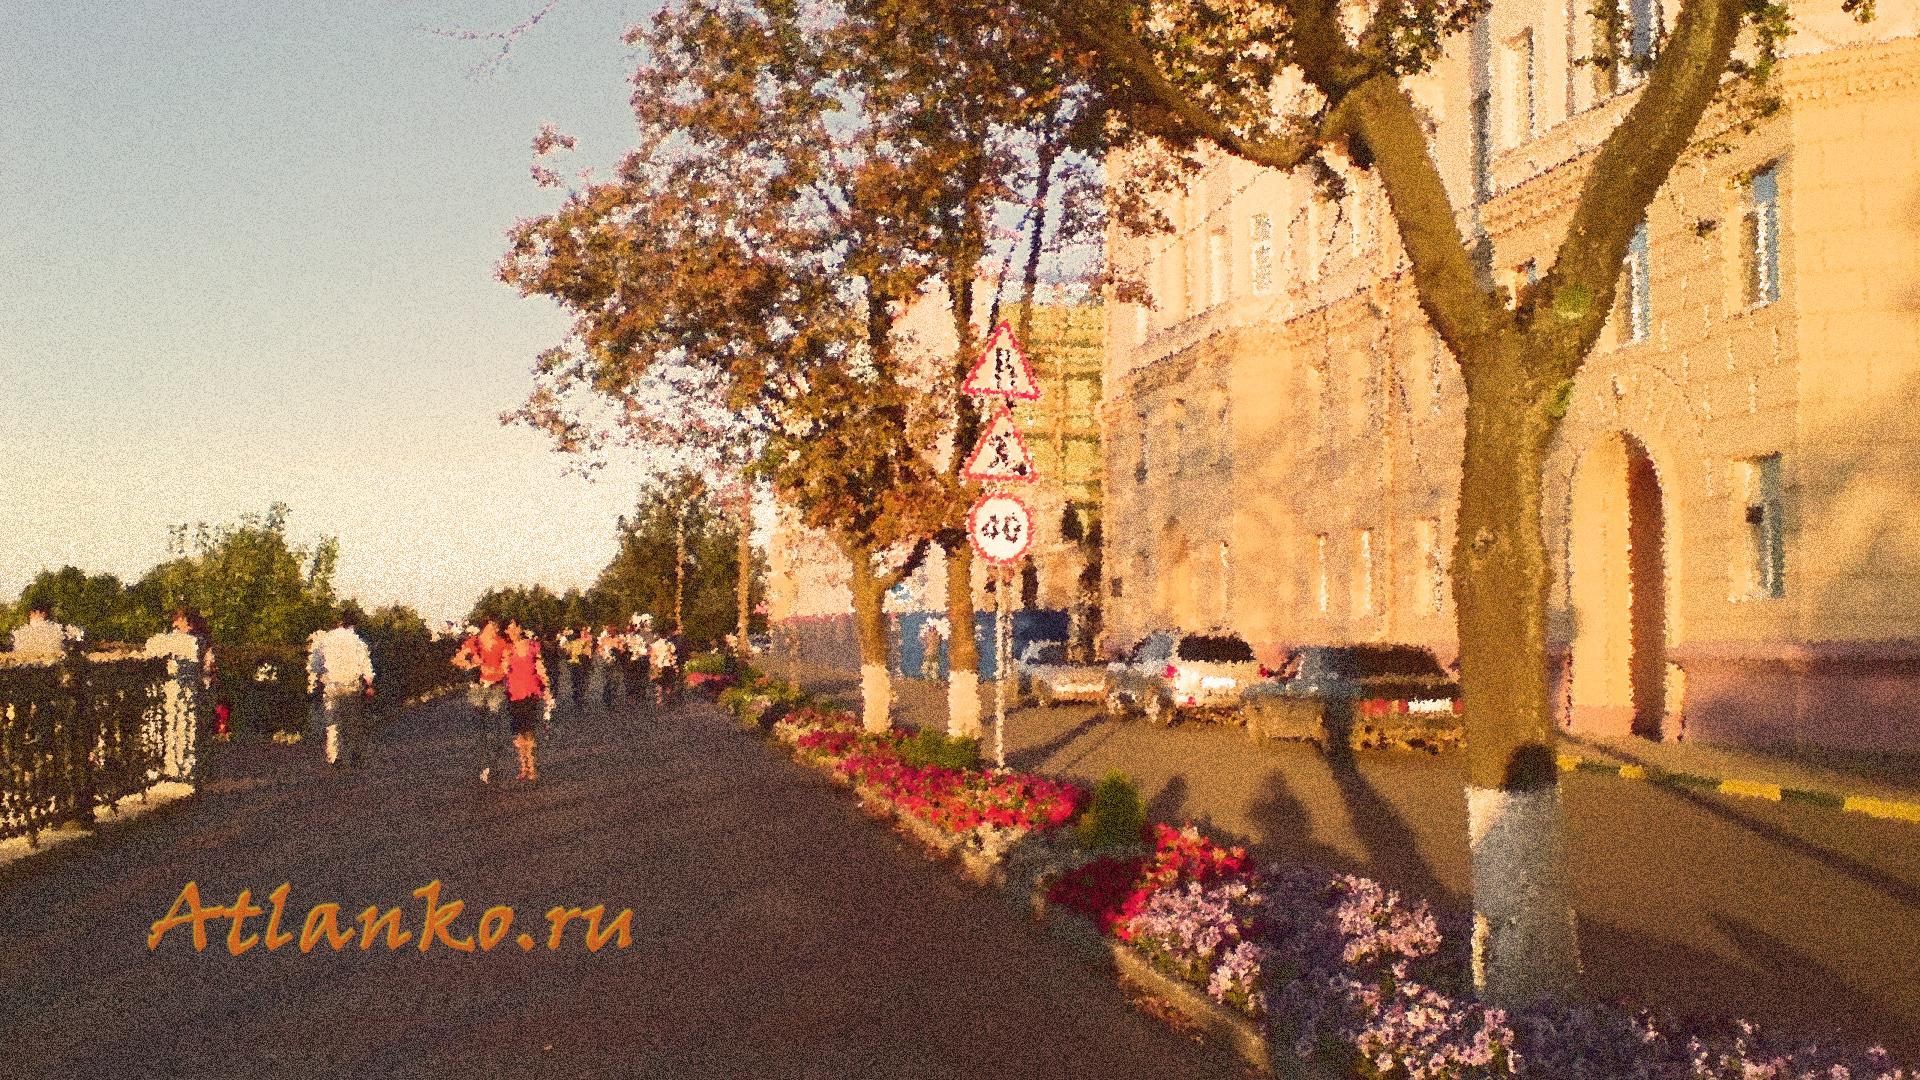 Верхне-Волжская набережная. Нижний Новгород. - Скачать широкоформатные обои на рабочий стол компьютера. 1920x1080; 2,18 МБ